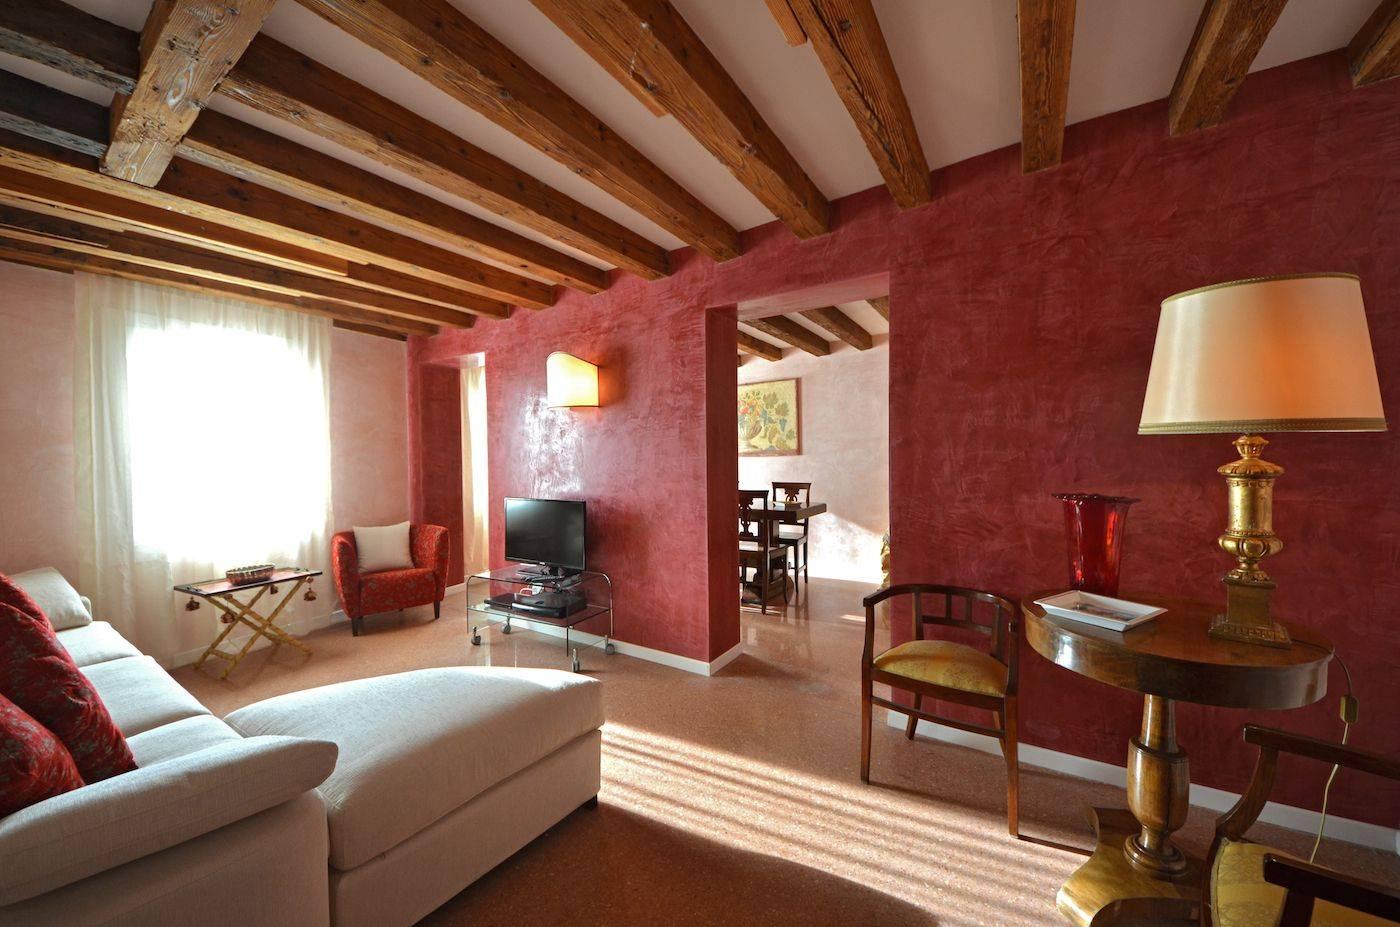 sunny living room facing Fondamenta delle Zattere and the Giudecca Canal